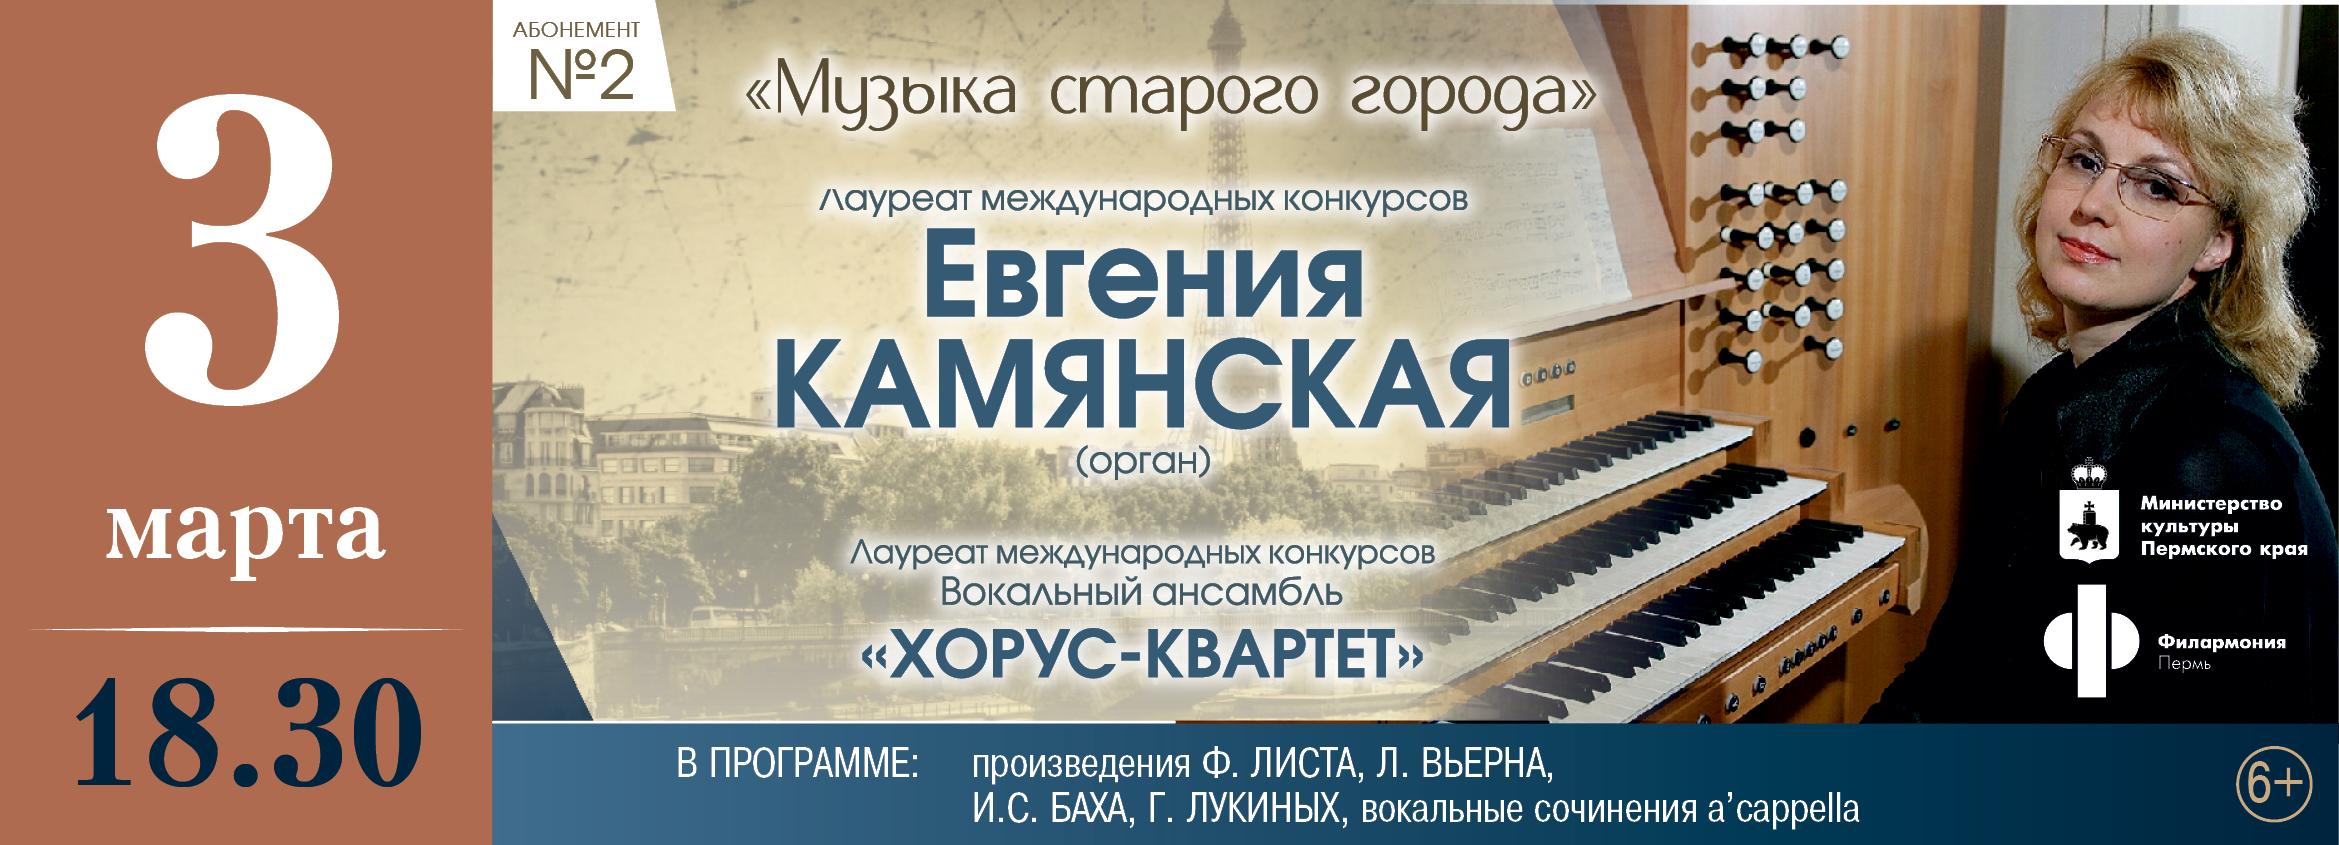 В Тверской филармонии прозвучит музыка старого города